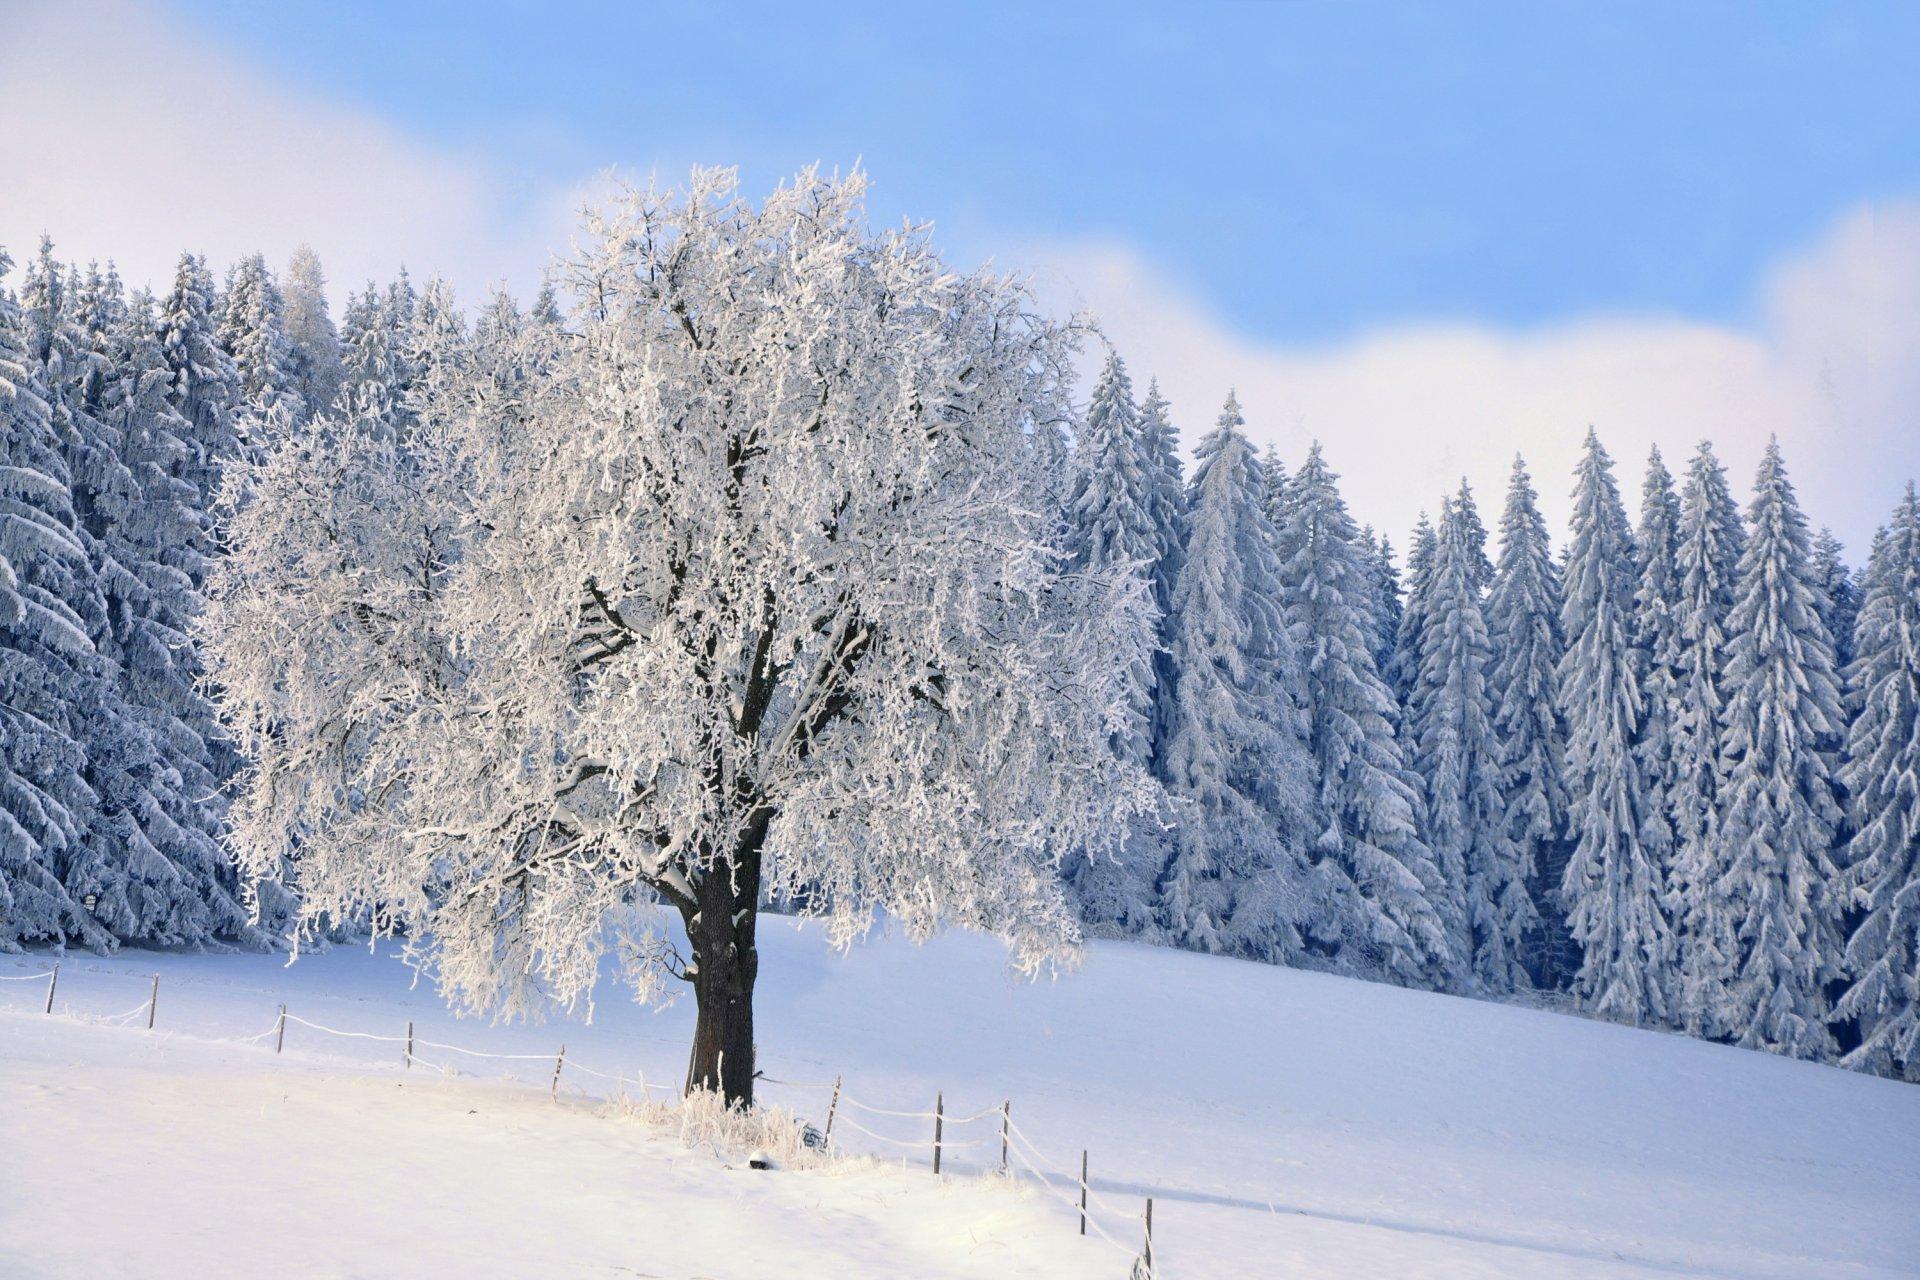 нем картинка лес зима деревья статья